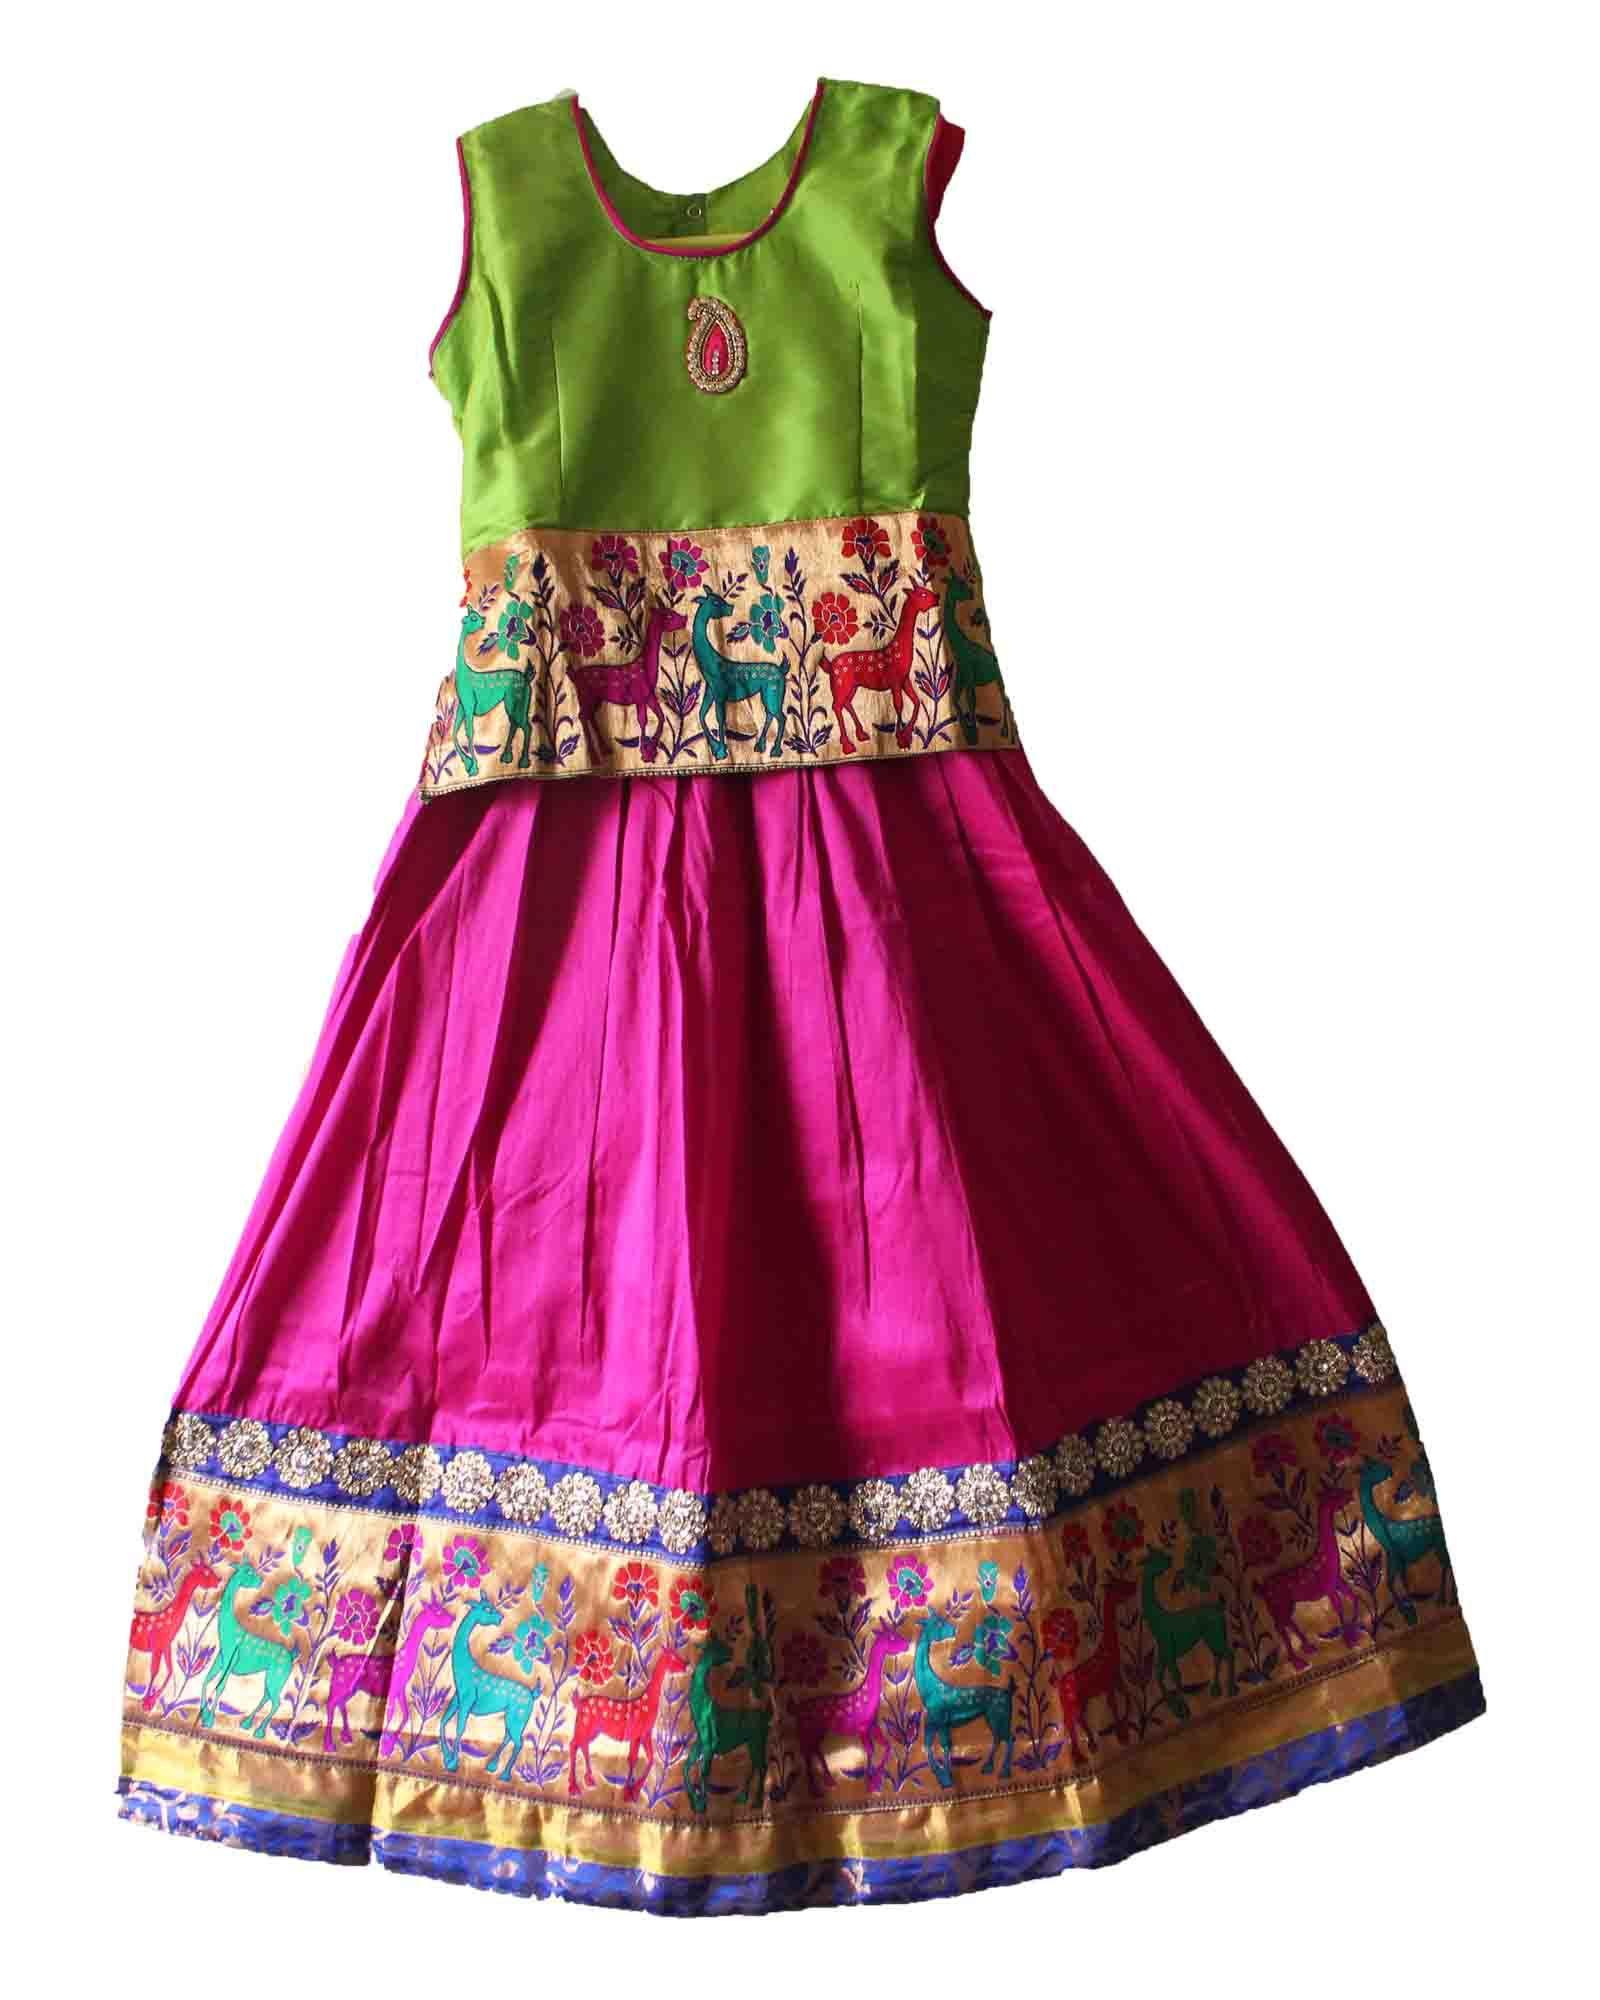 0821c6bd2 Gorgeous traditional pattu pavadai / lehenga for kids / girls of 9 years -  Free shipping